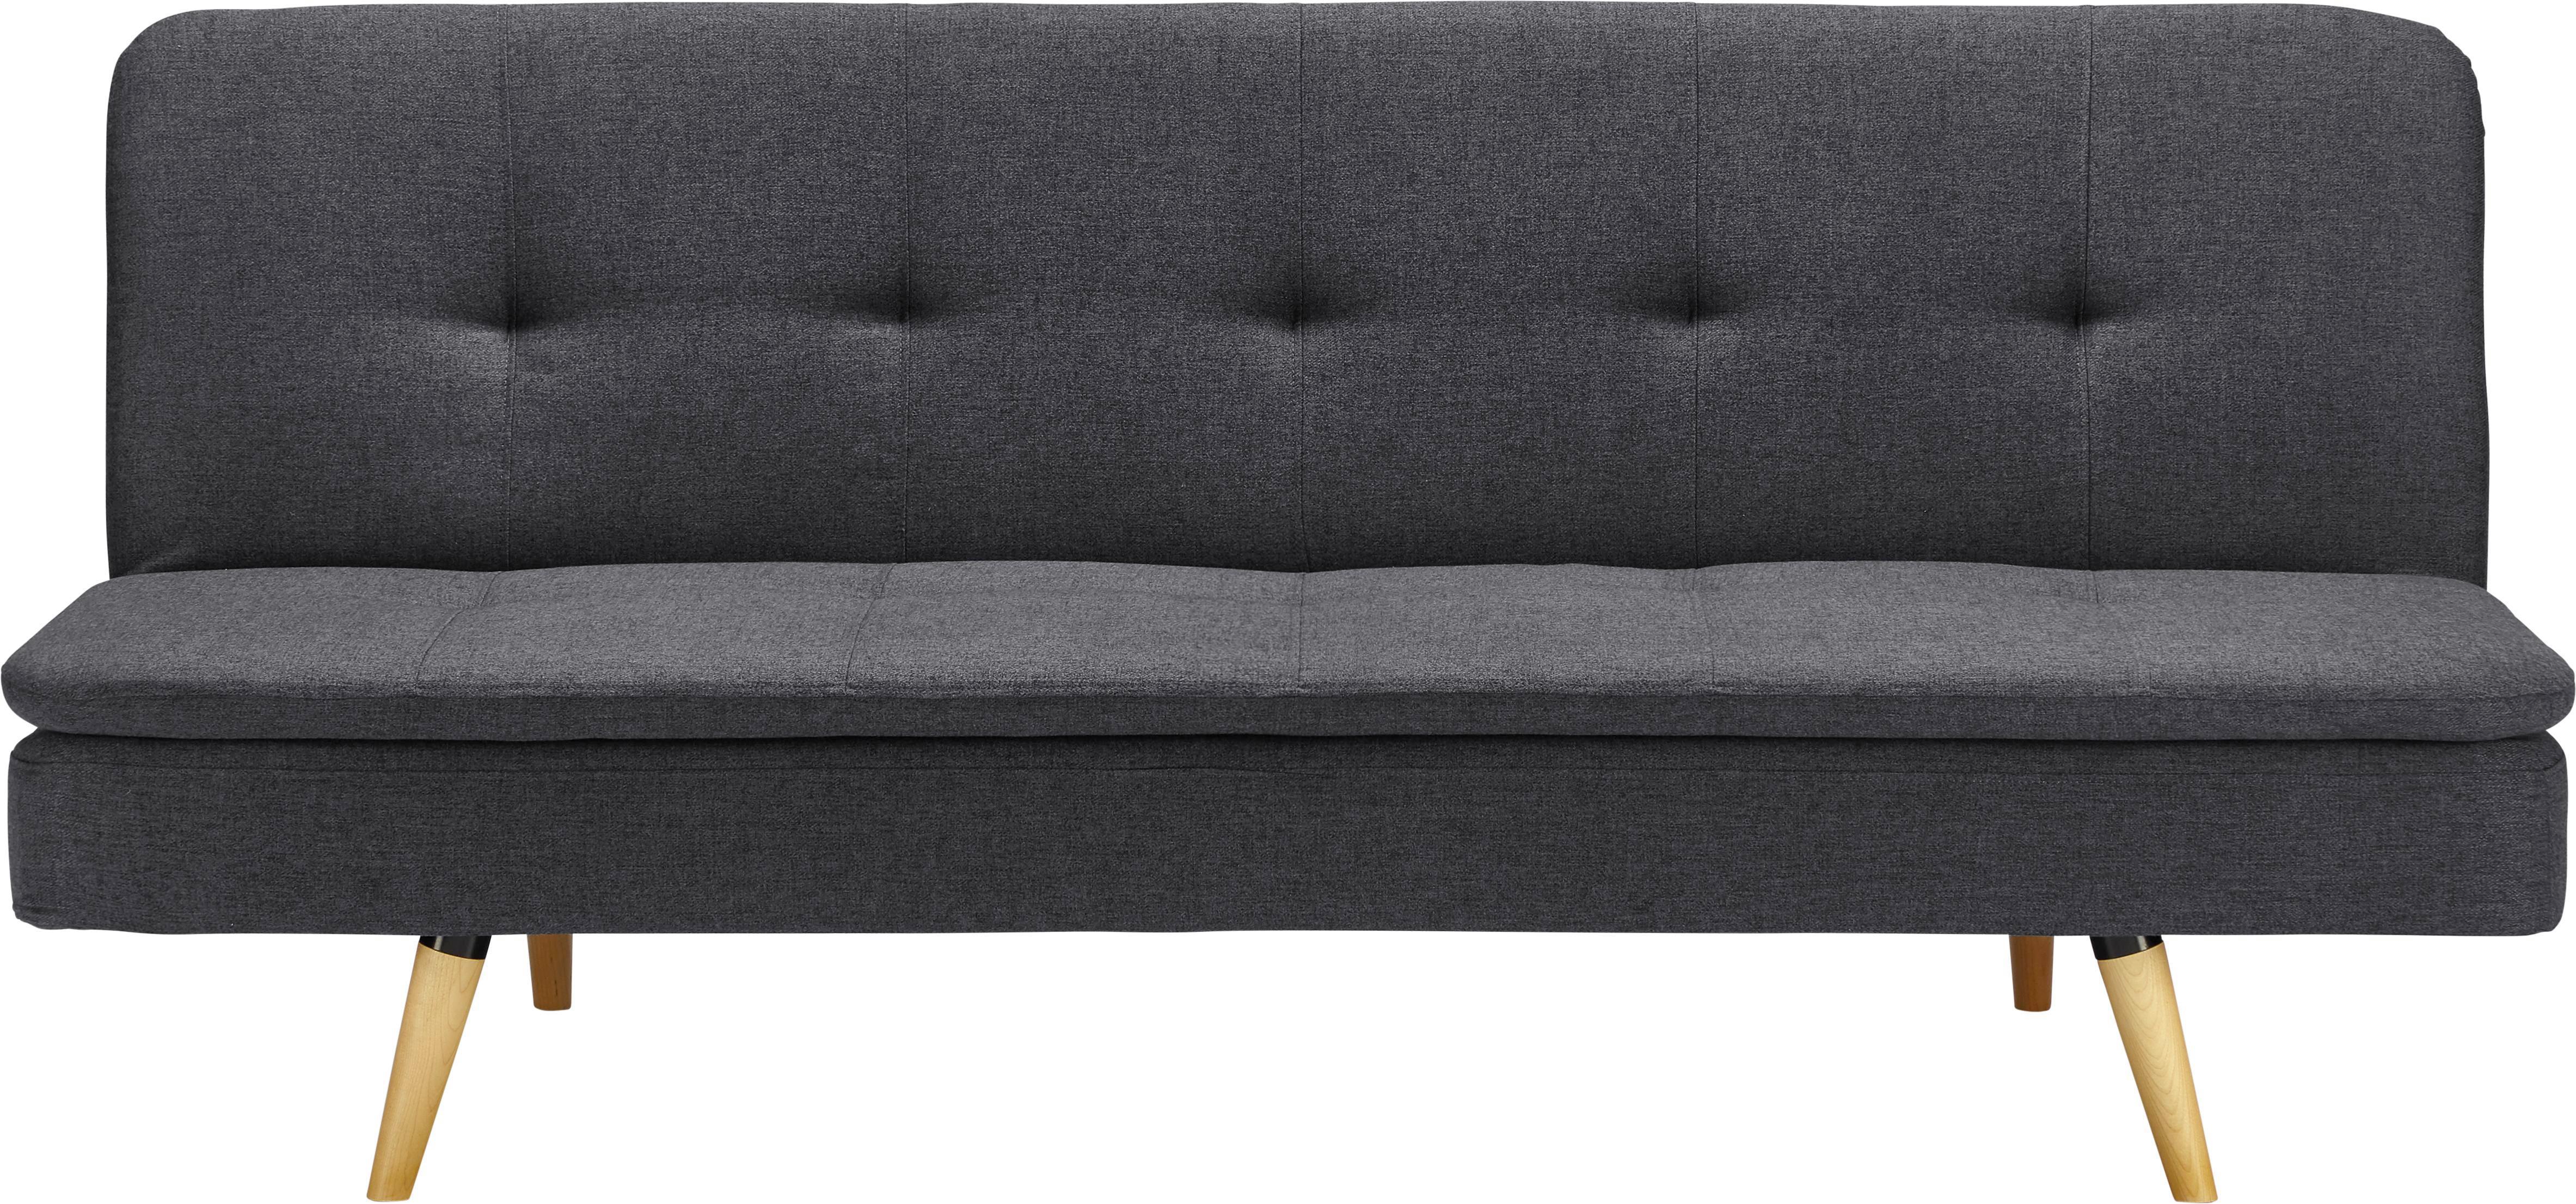 KANAPÉ PEGGY - sötétszürke/szürke, modern, textil/fa (179/79/85cm)